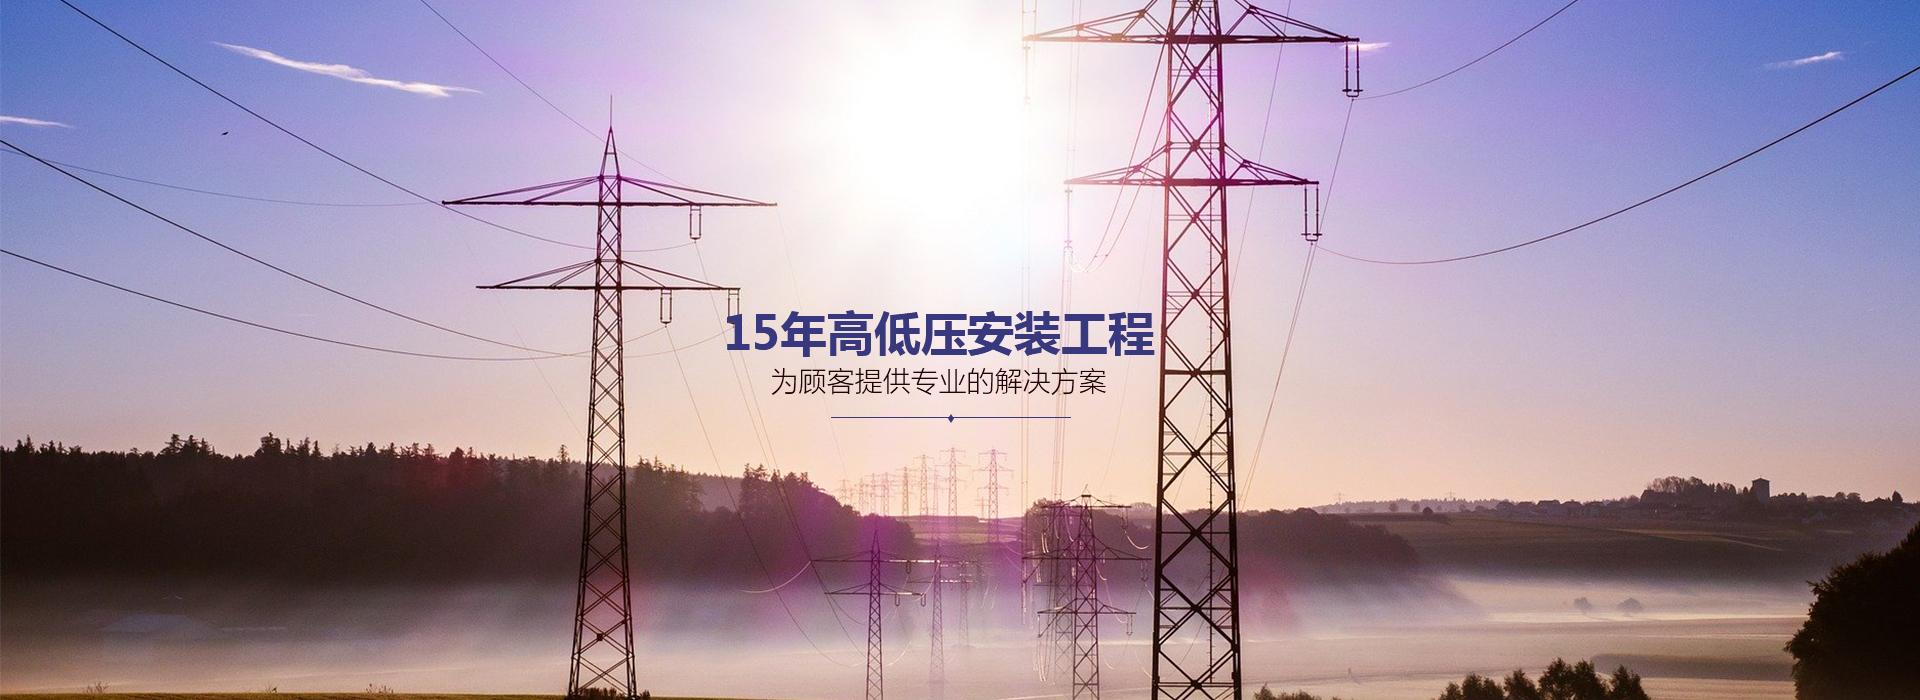 中山水电安装公司